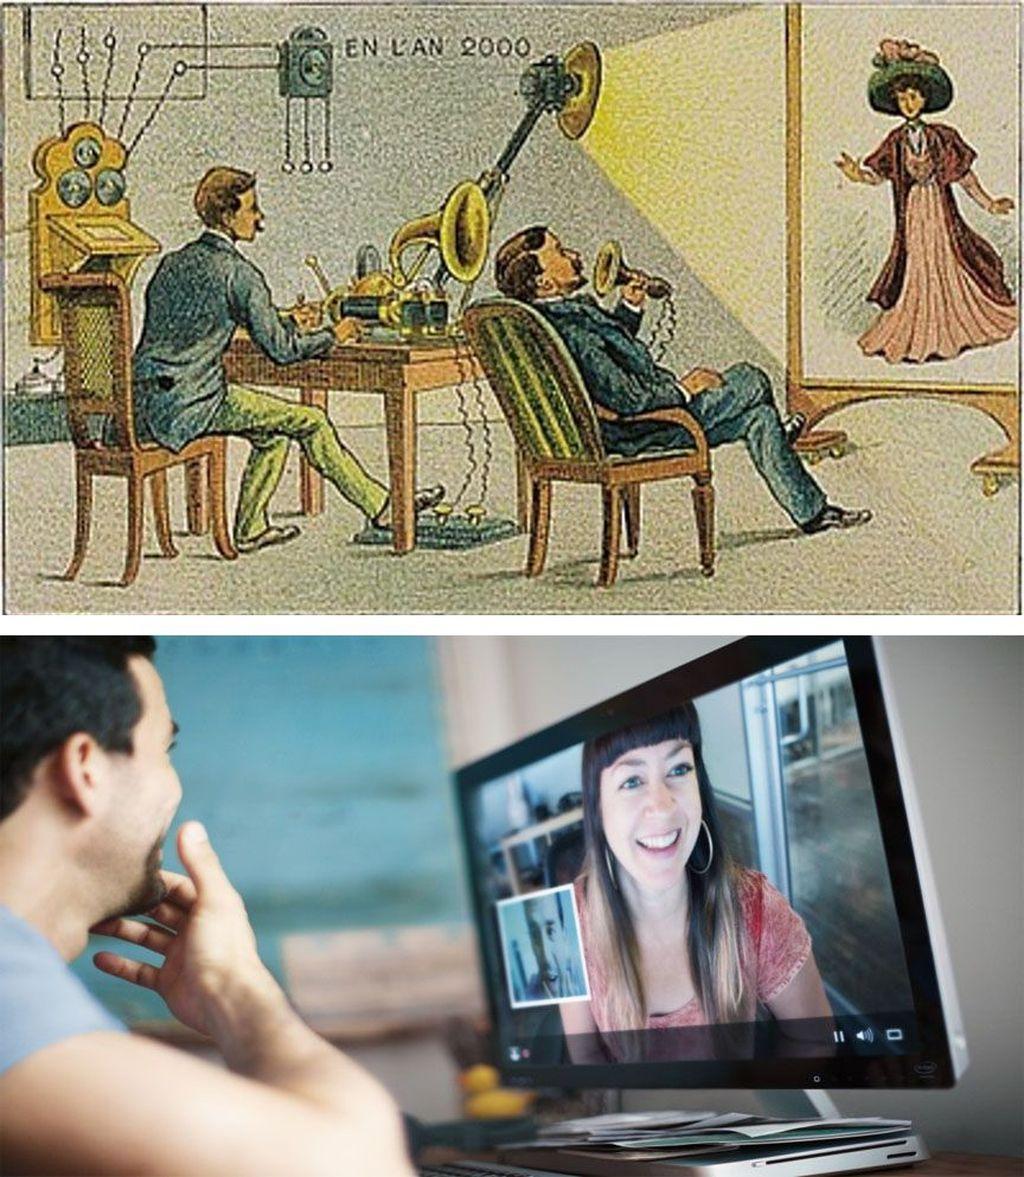 Video call. Sejumlah seniman abad ke-19 seperti Jean-Marc Côté, punya kemampuan melihat masa depan. Dia adalah salah satu pencipta En L'An 2000, serangkaian gambar dari pencapaian teknologi yang dibayangkan akan ada di tahun 2000-an. Dalam karya yang dicetak pertama kali tahun 1899, Jean-Marc Côté menggambarkan di masa depan orang melakukan percakapan video jarak jauh. Tentu saja saat itu belum ada teknologi visual semacam itu.Foto: via Brainberries